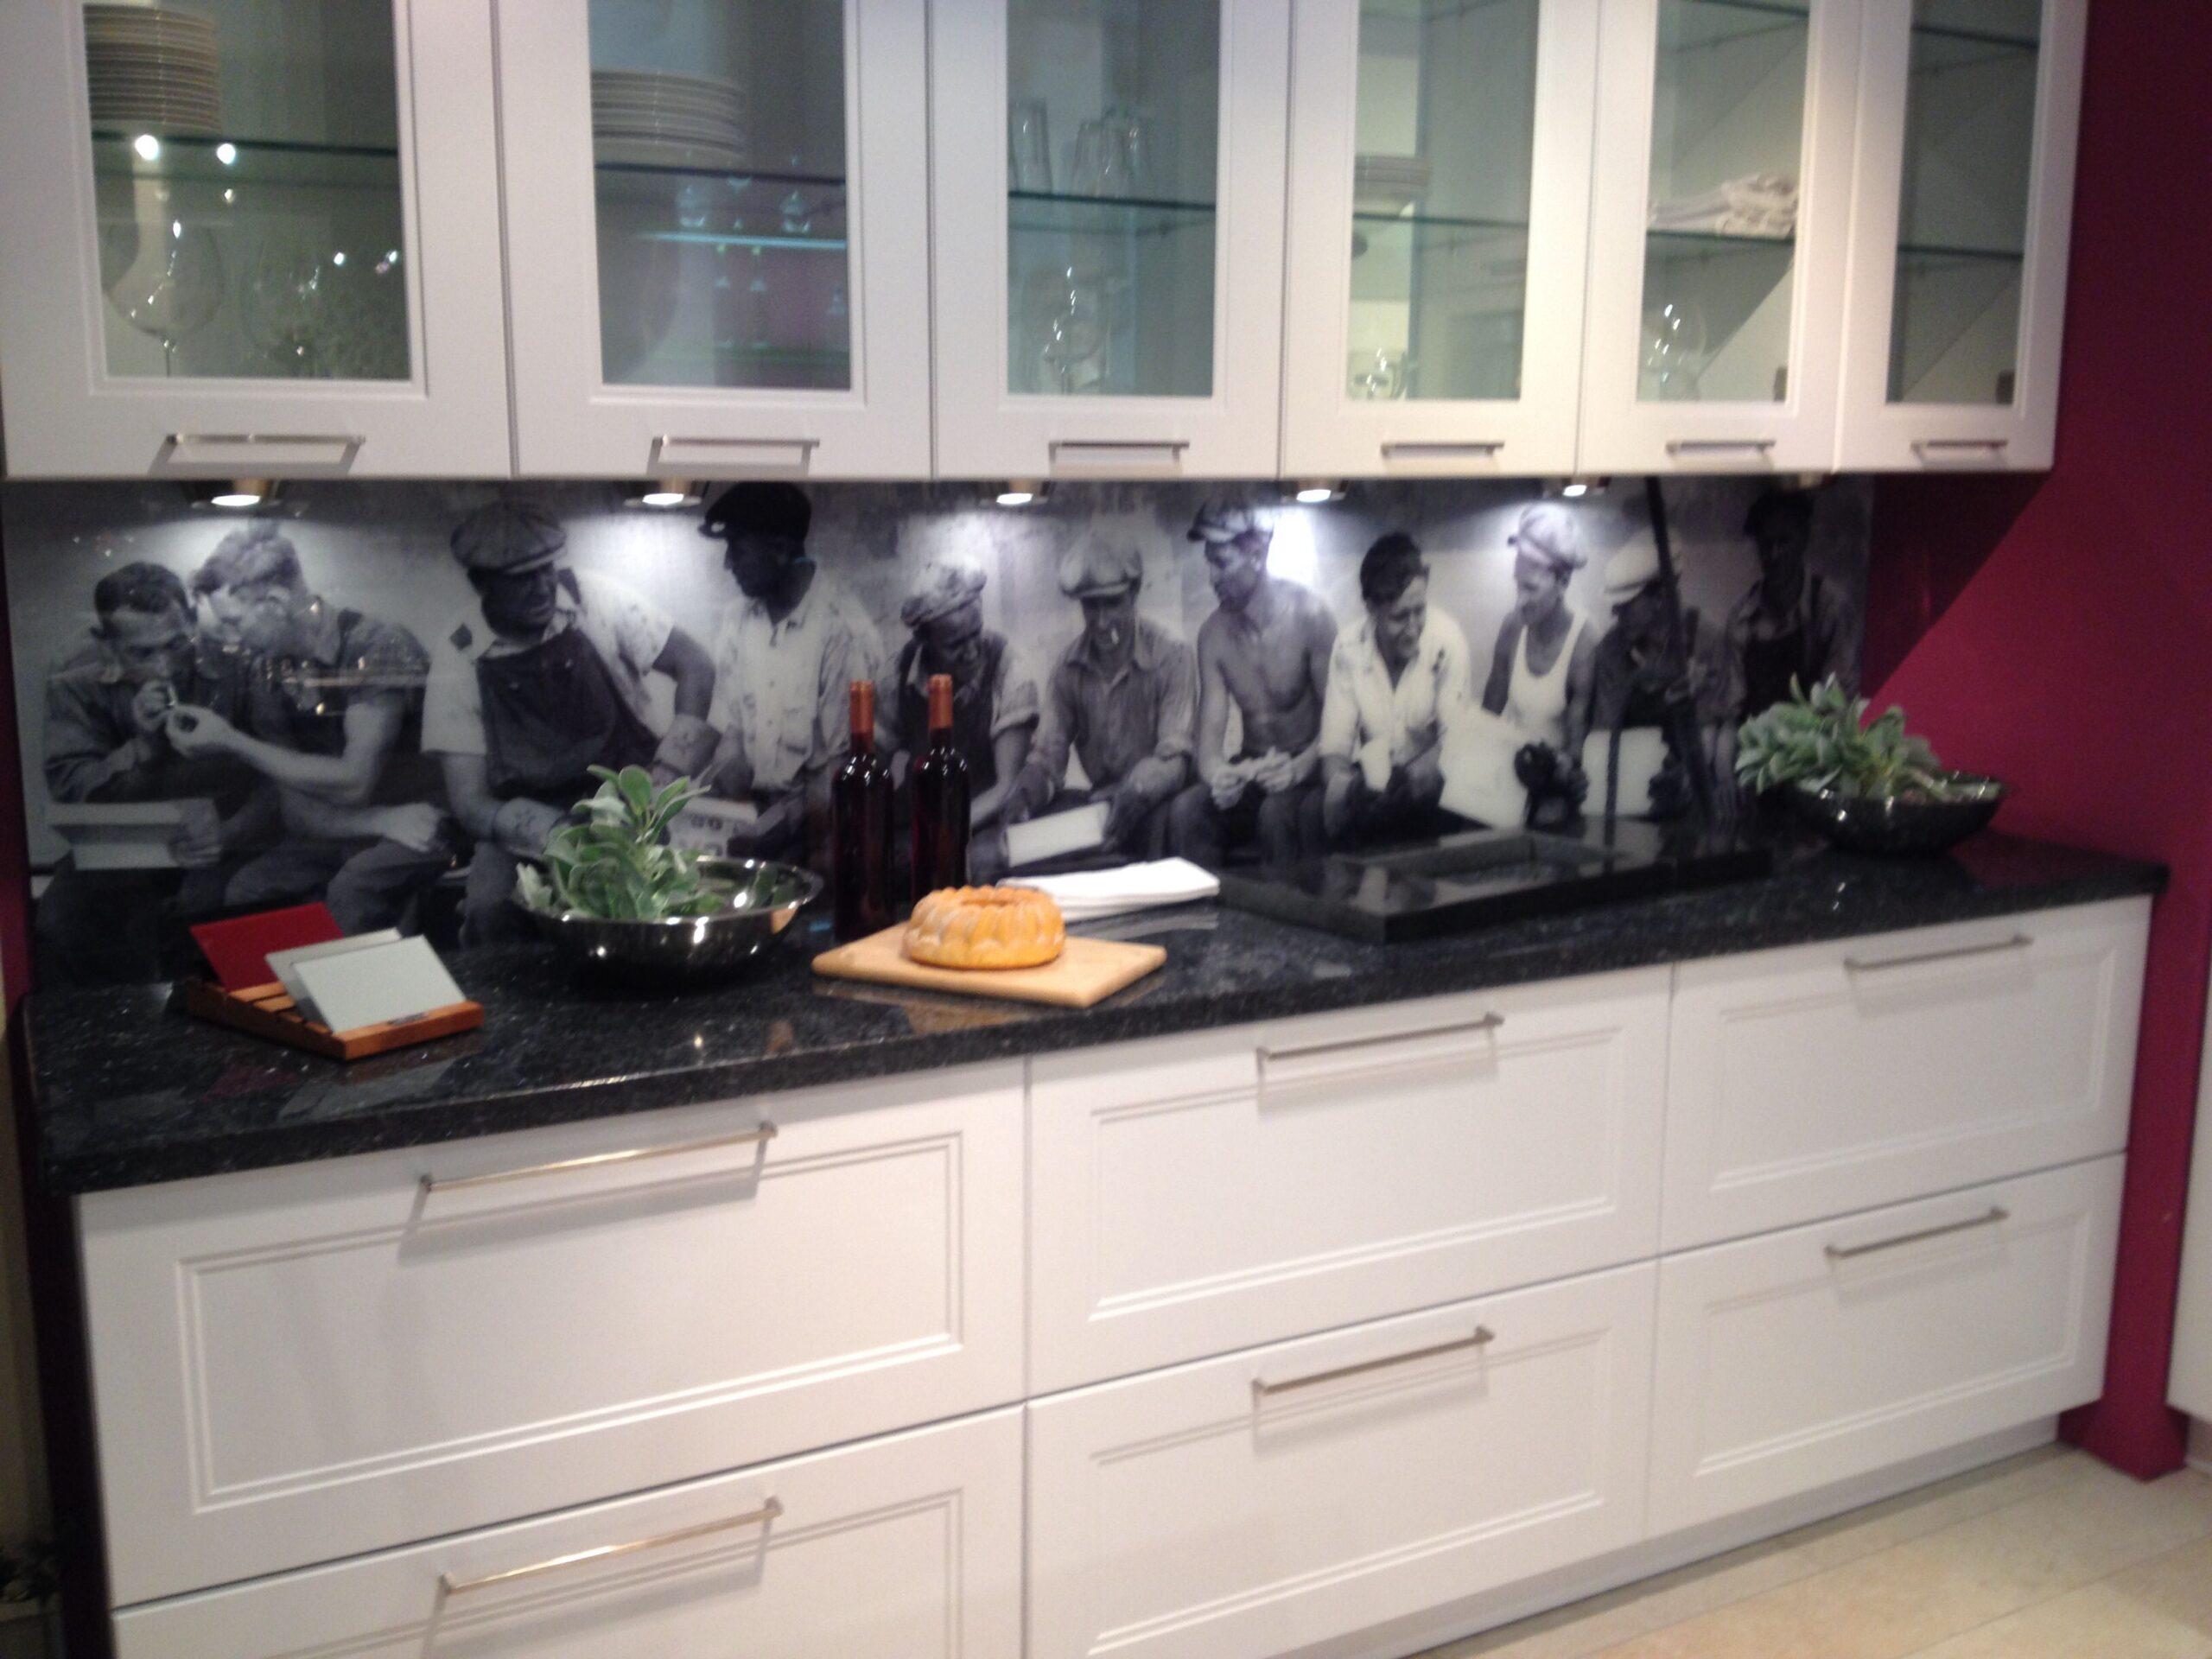 Full Size of Küchen Glasbilder Bild Motiv Kleine Steine 60x40cm Grazdesign 200080 60x40 Sp Kchen Küche Bad Regal Wohnzimmer Küchen Glasbilder